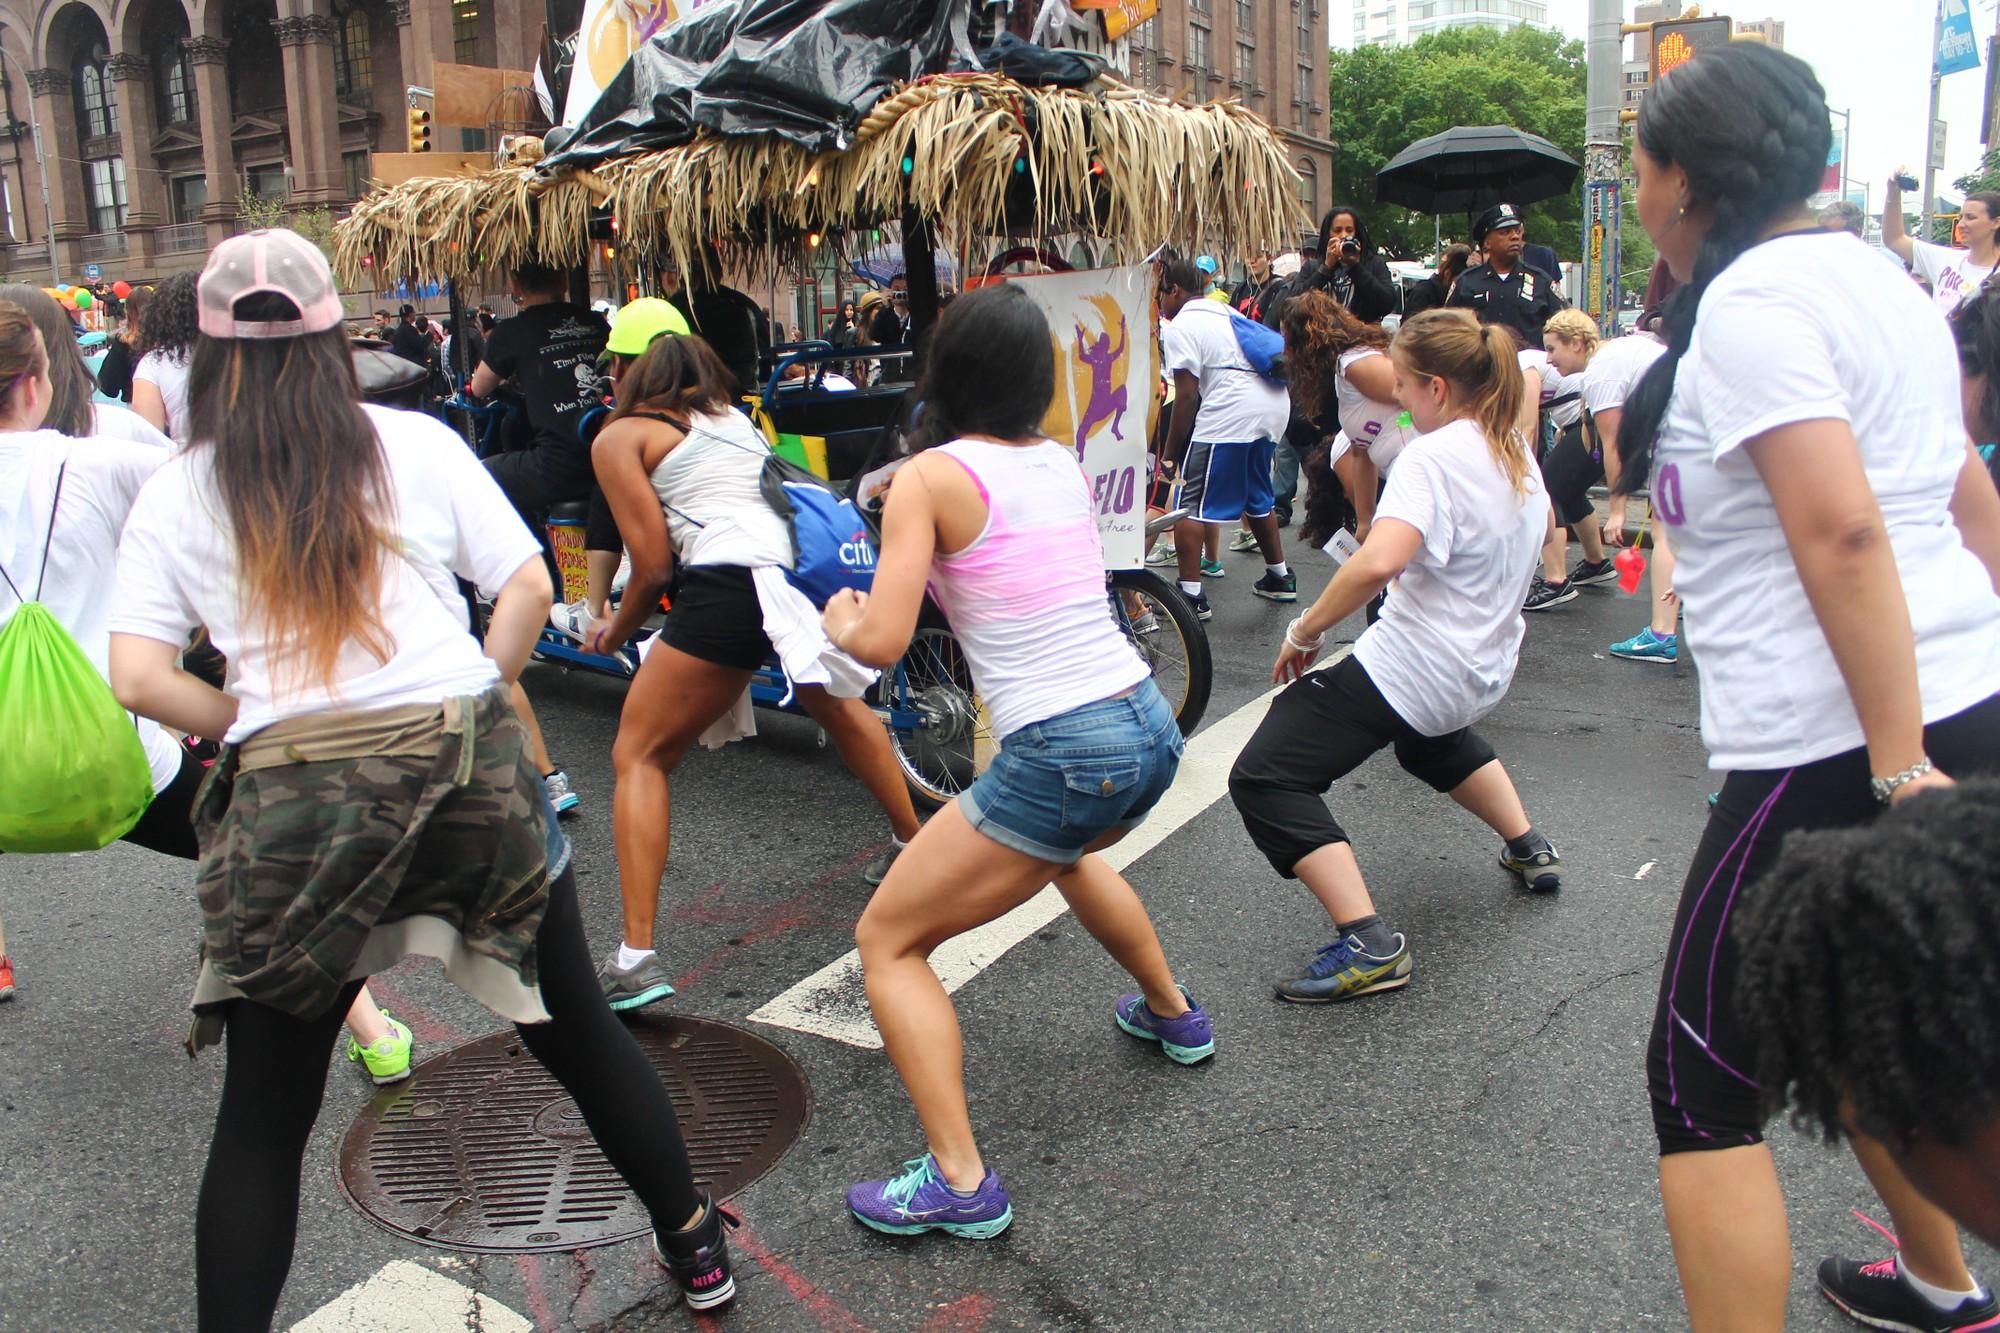 Twerking: does it empower or objectify? - Gair Rhydd